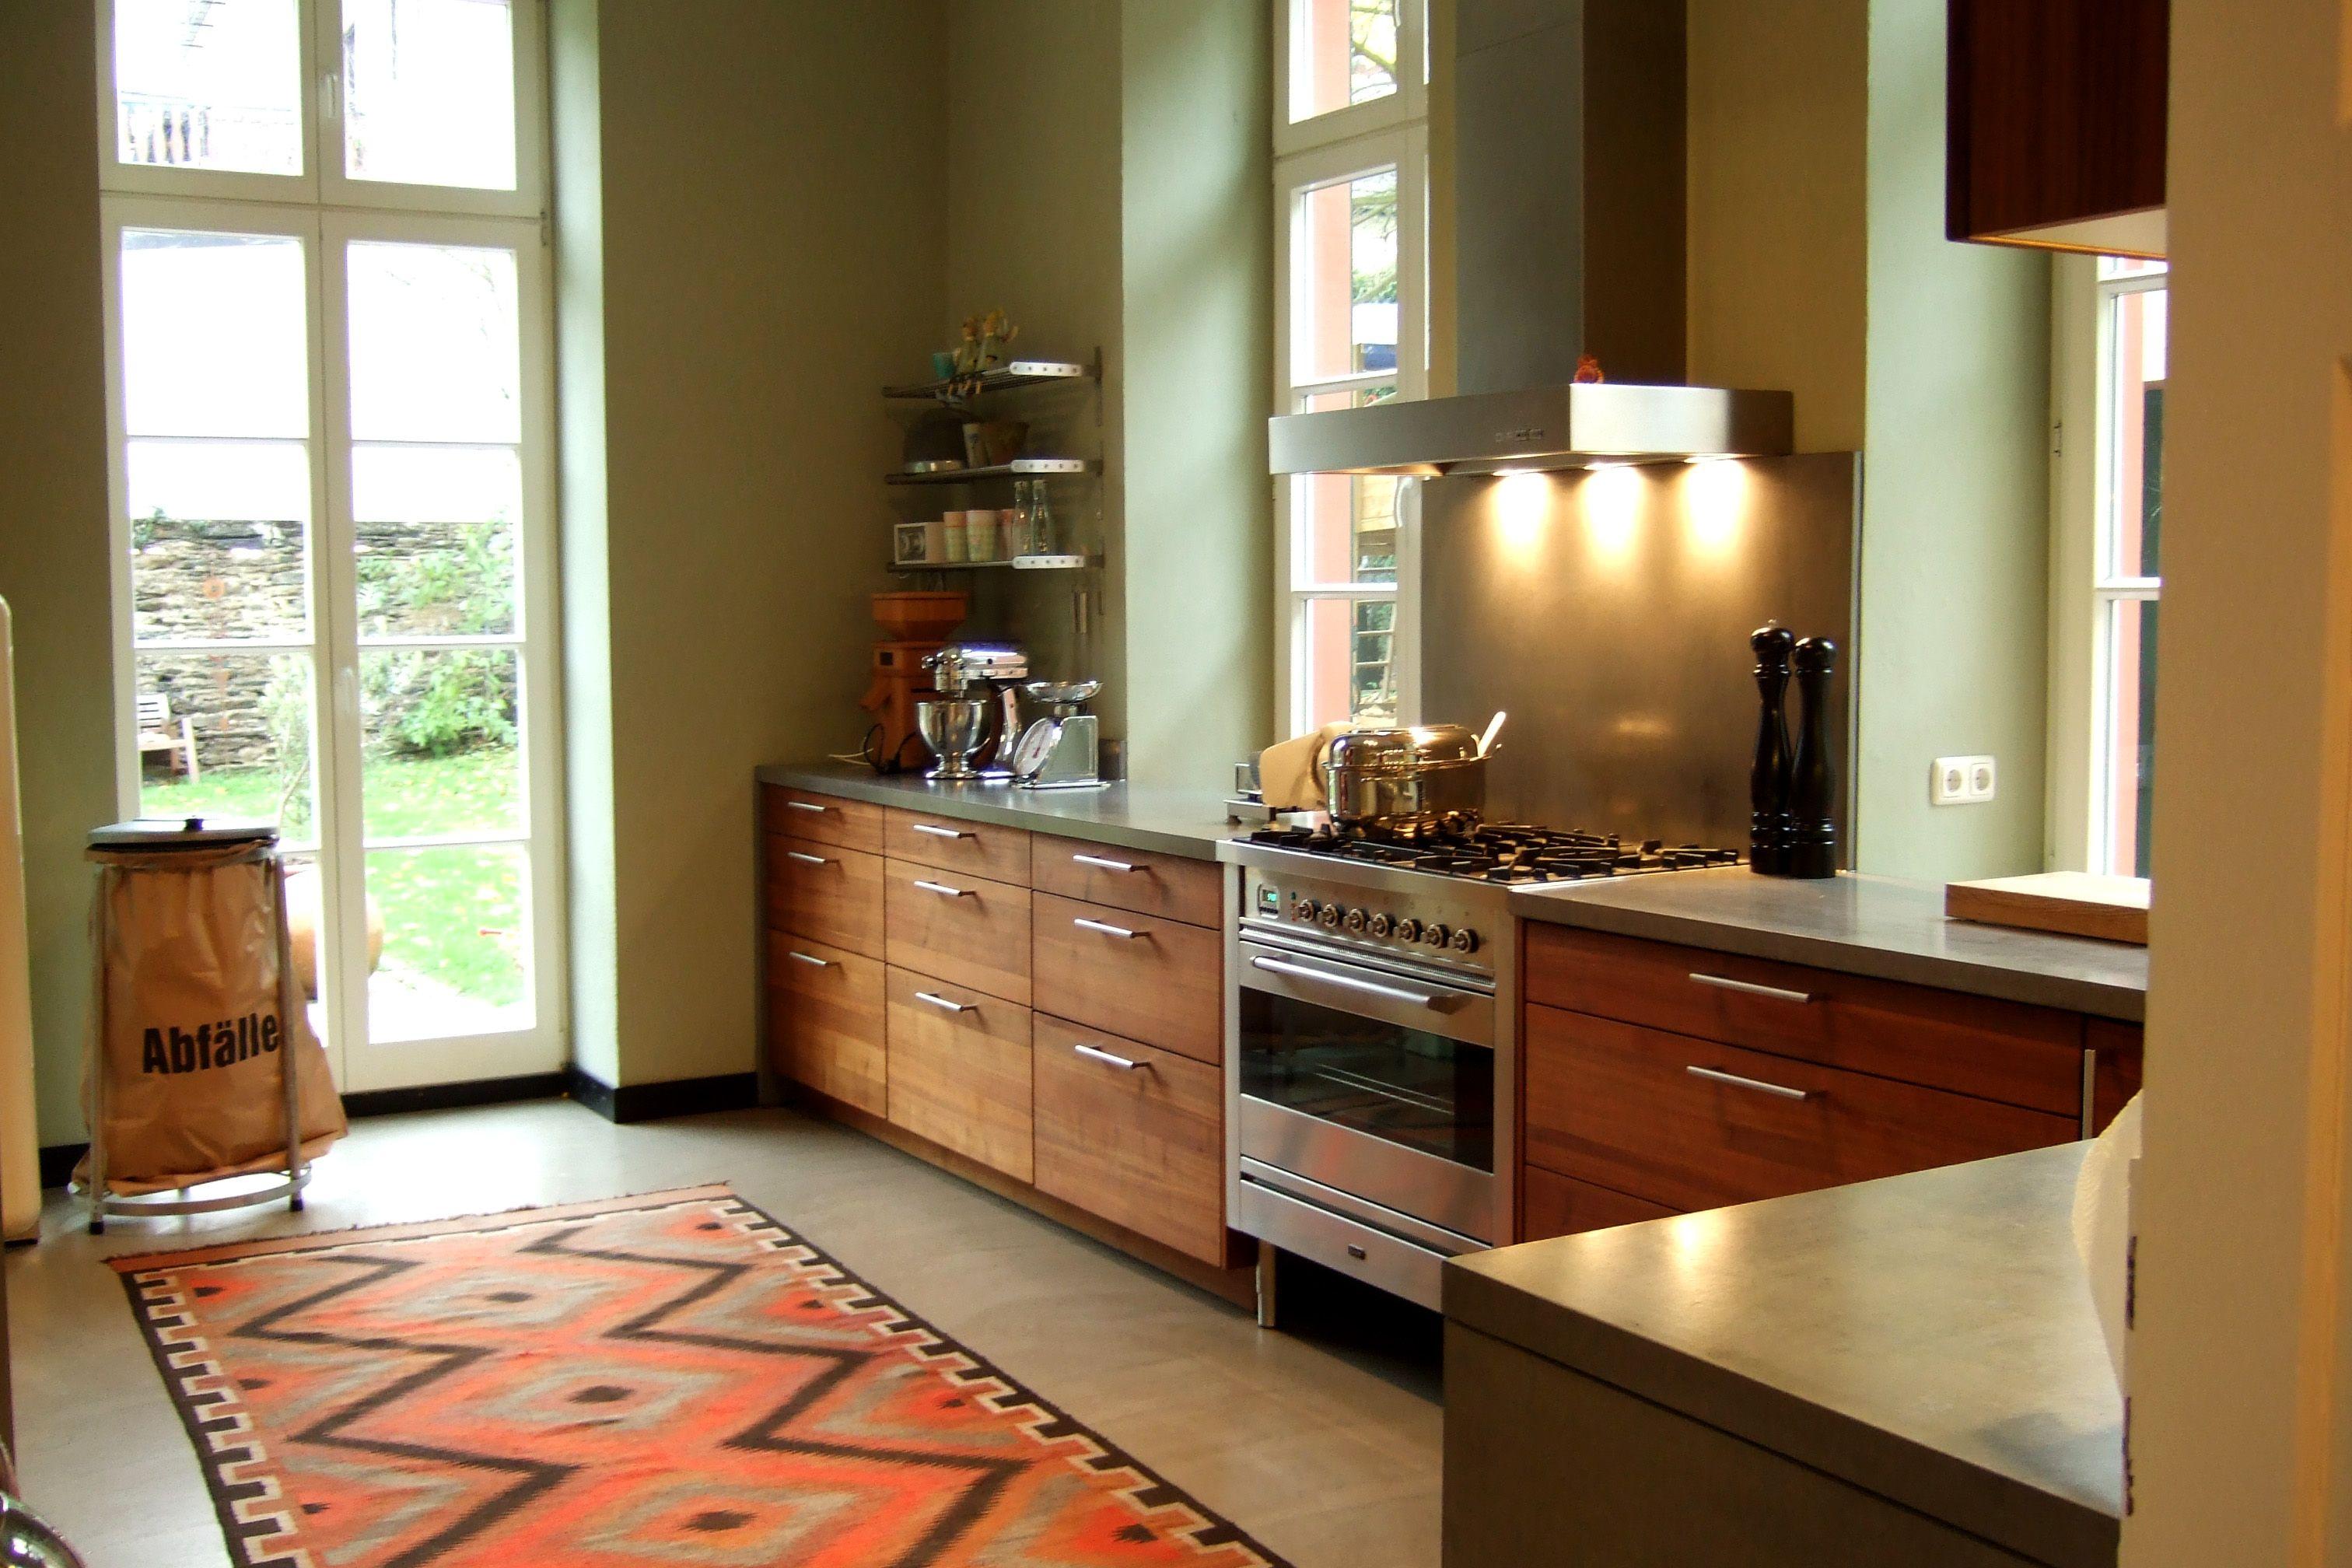 Küchenfronten streichen ~ Heyne & lehmhaus küchenräume bax küche küchen pinterest